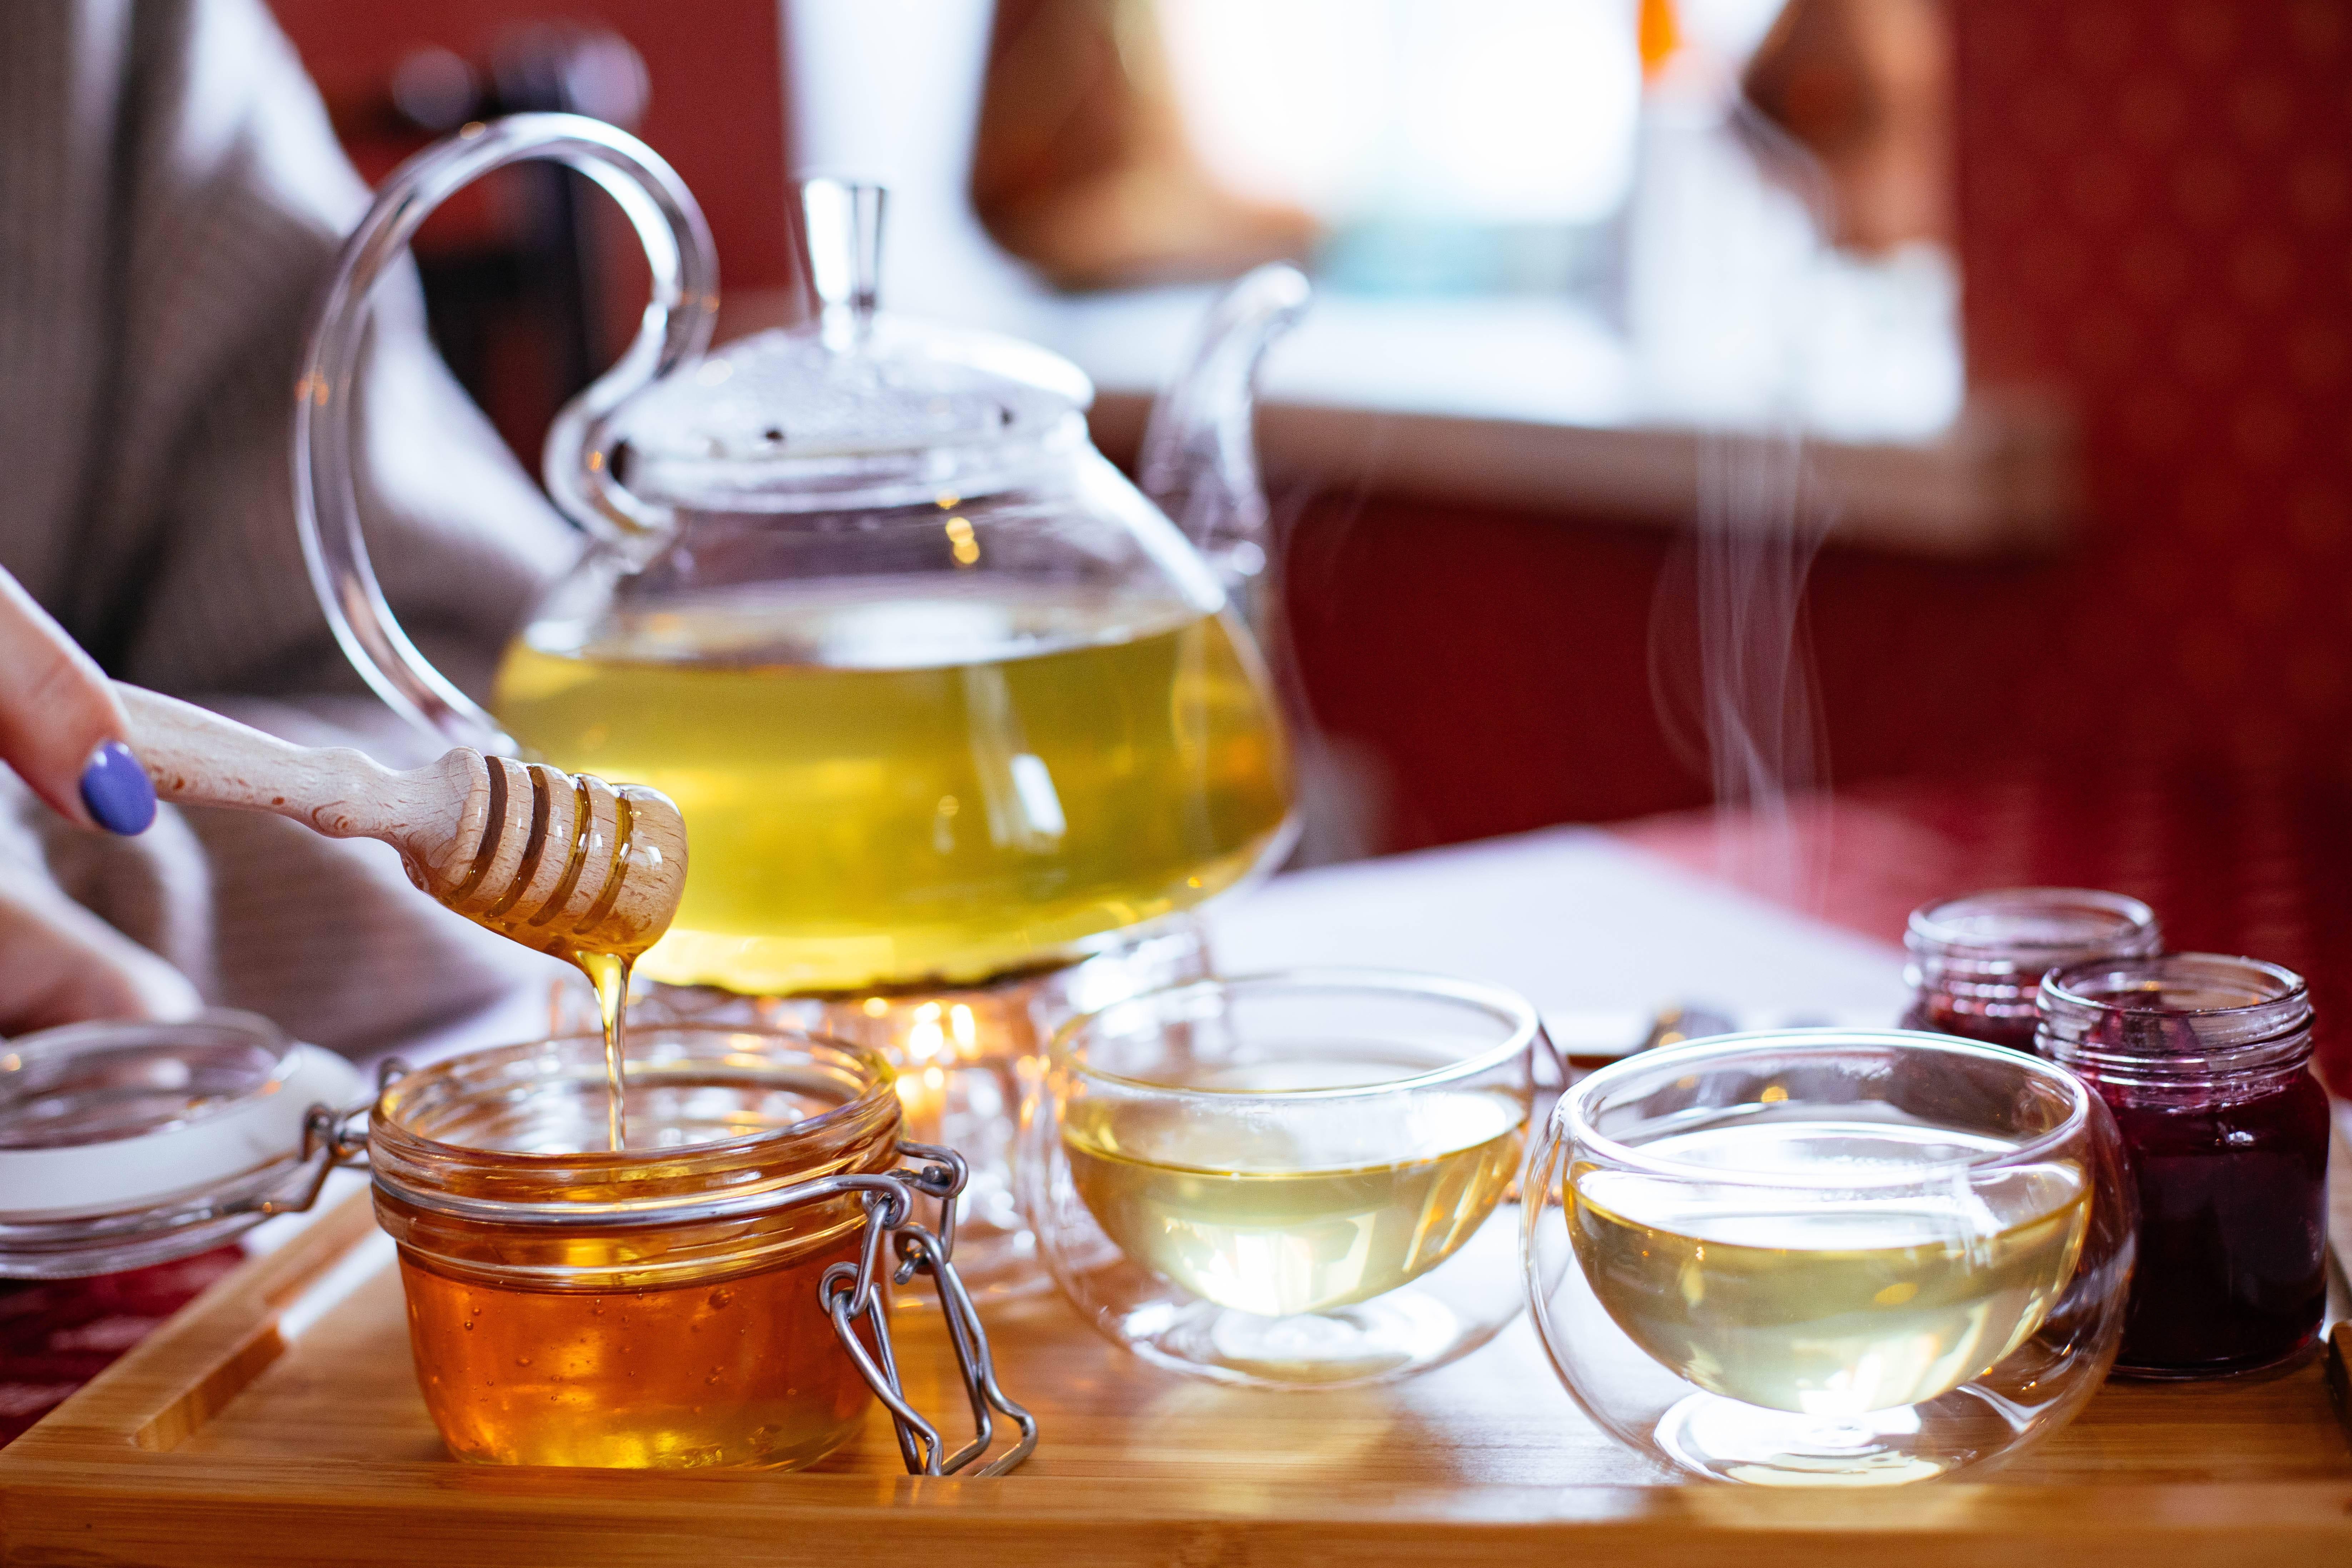 Чай с медом и лимоном: чем полезен, особенности, рецепты заваривания